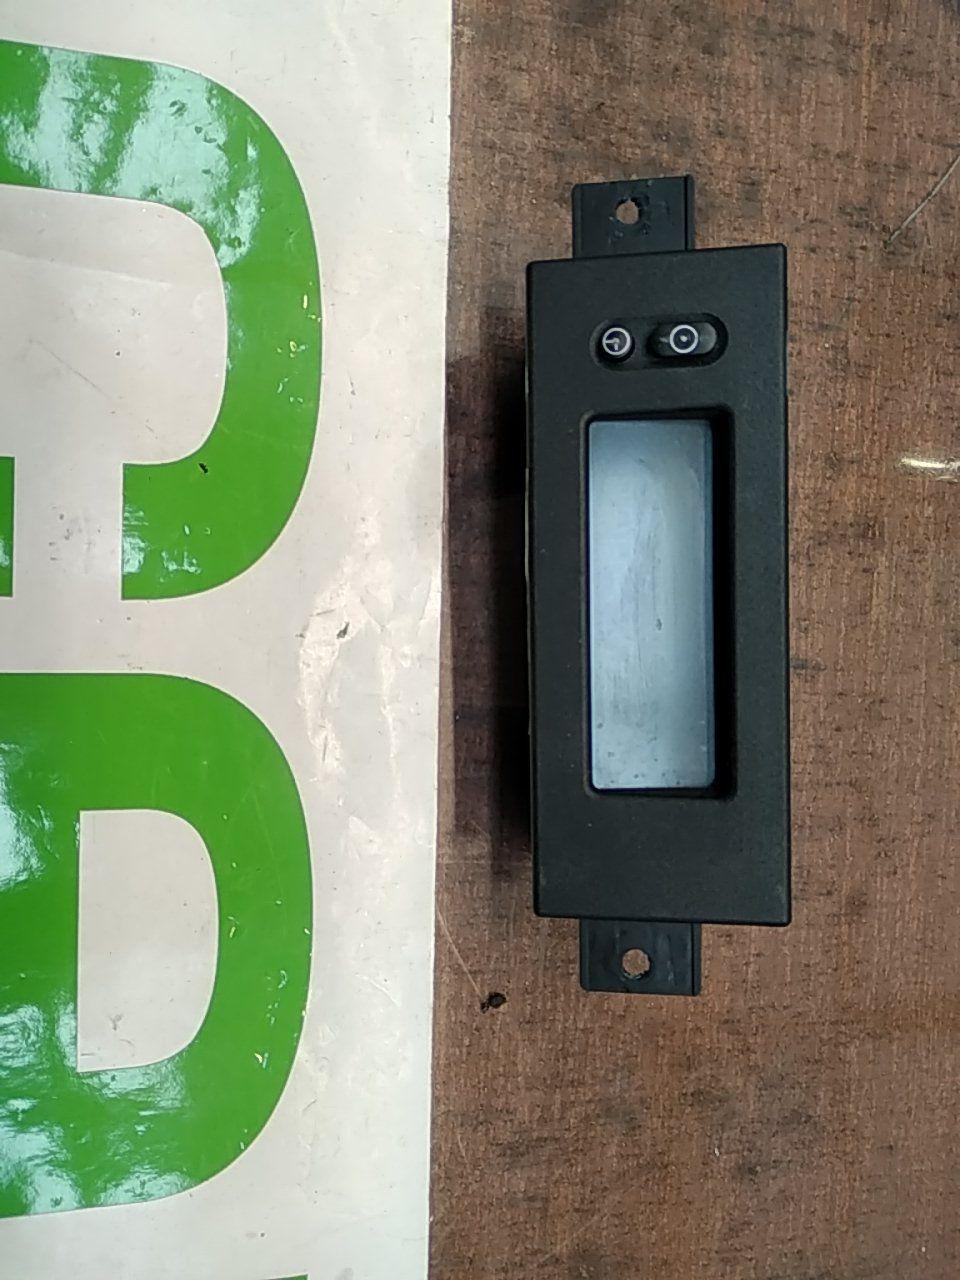 Mostrador de Rádio e Relógio